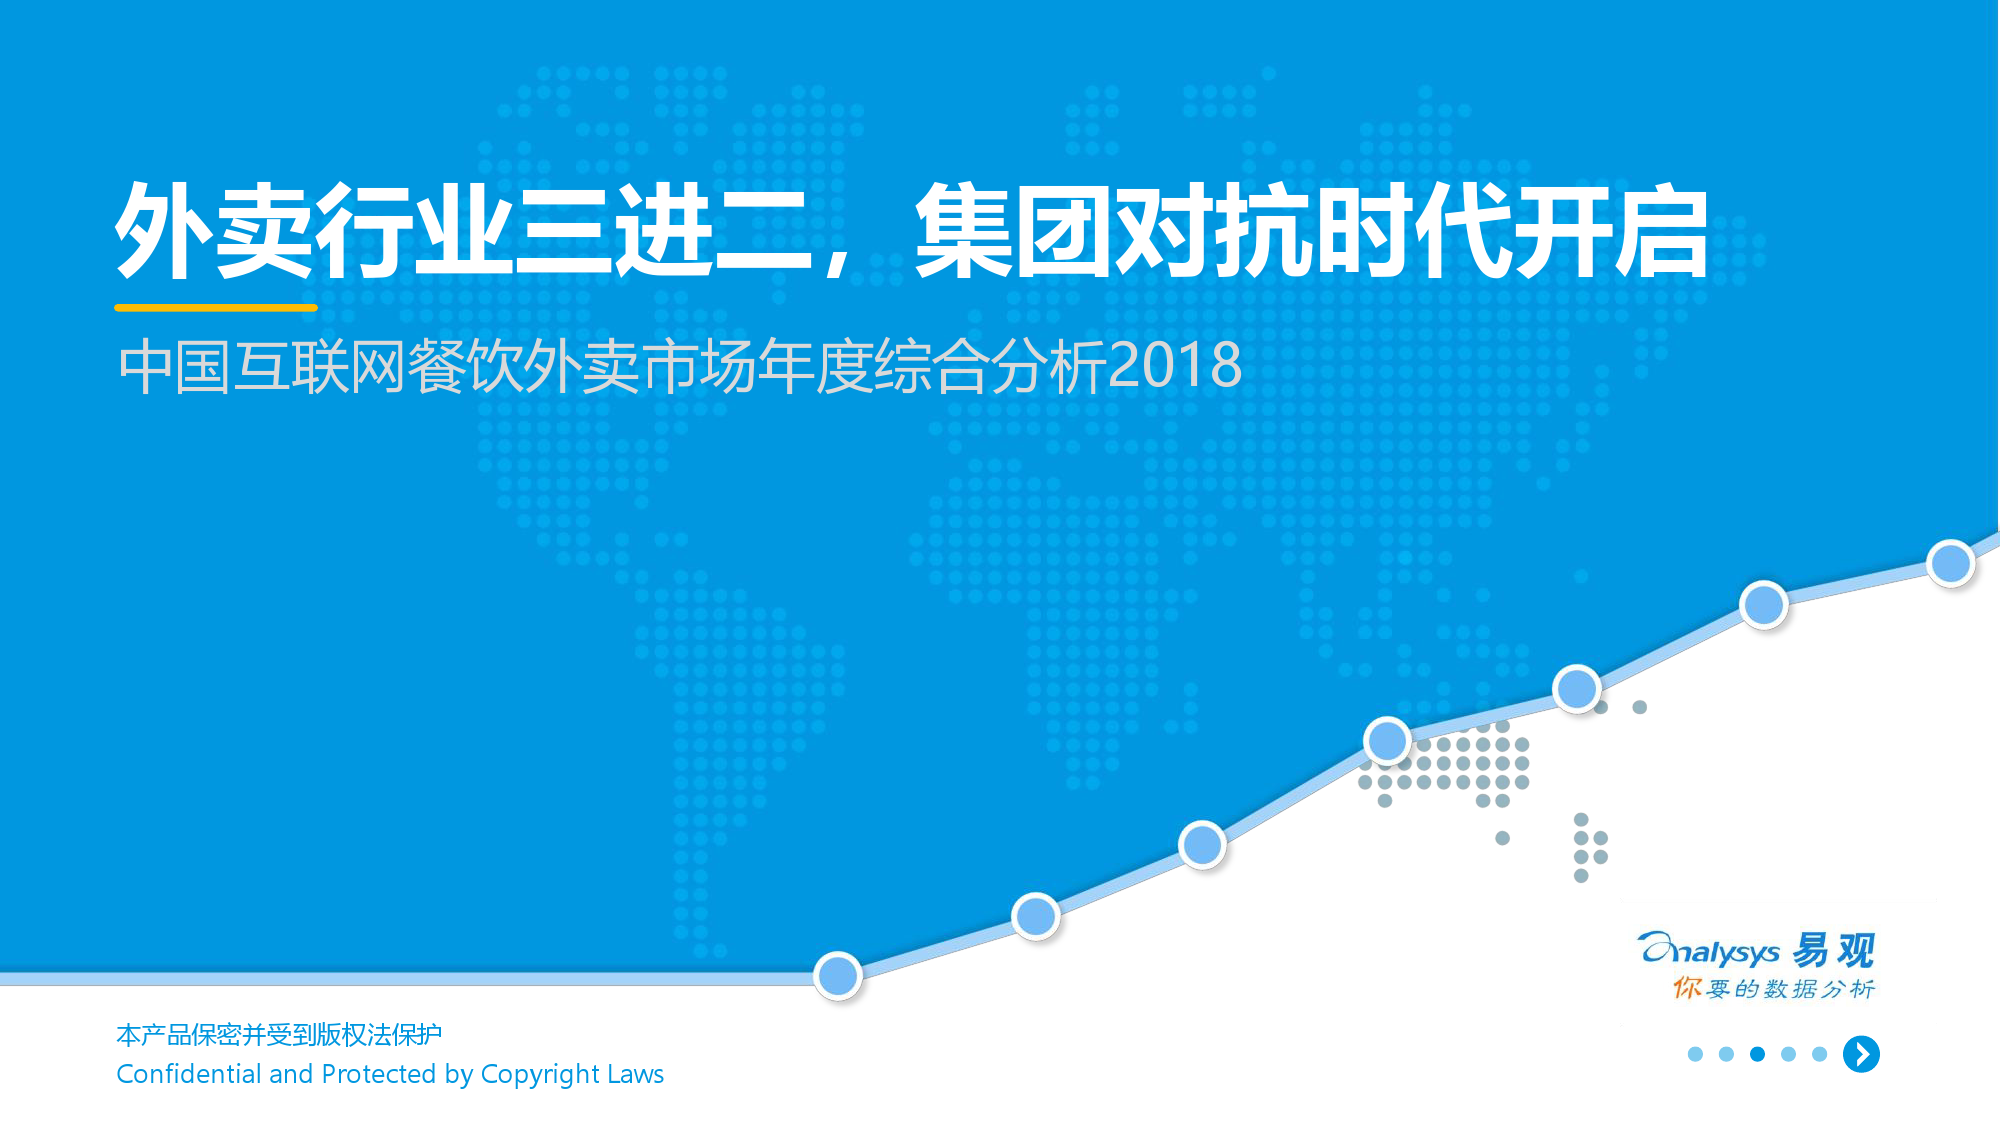 易观:2018中国互联网餐饮外卖市场年度综合分析(附下载)